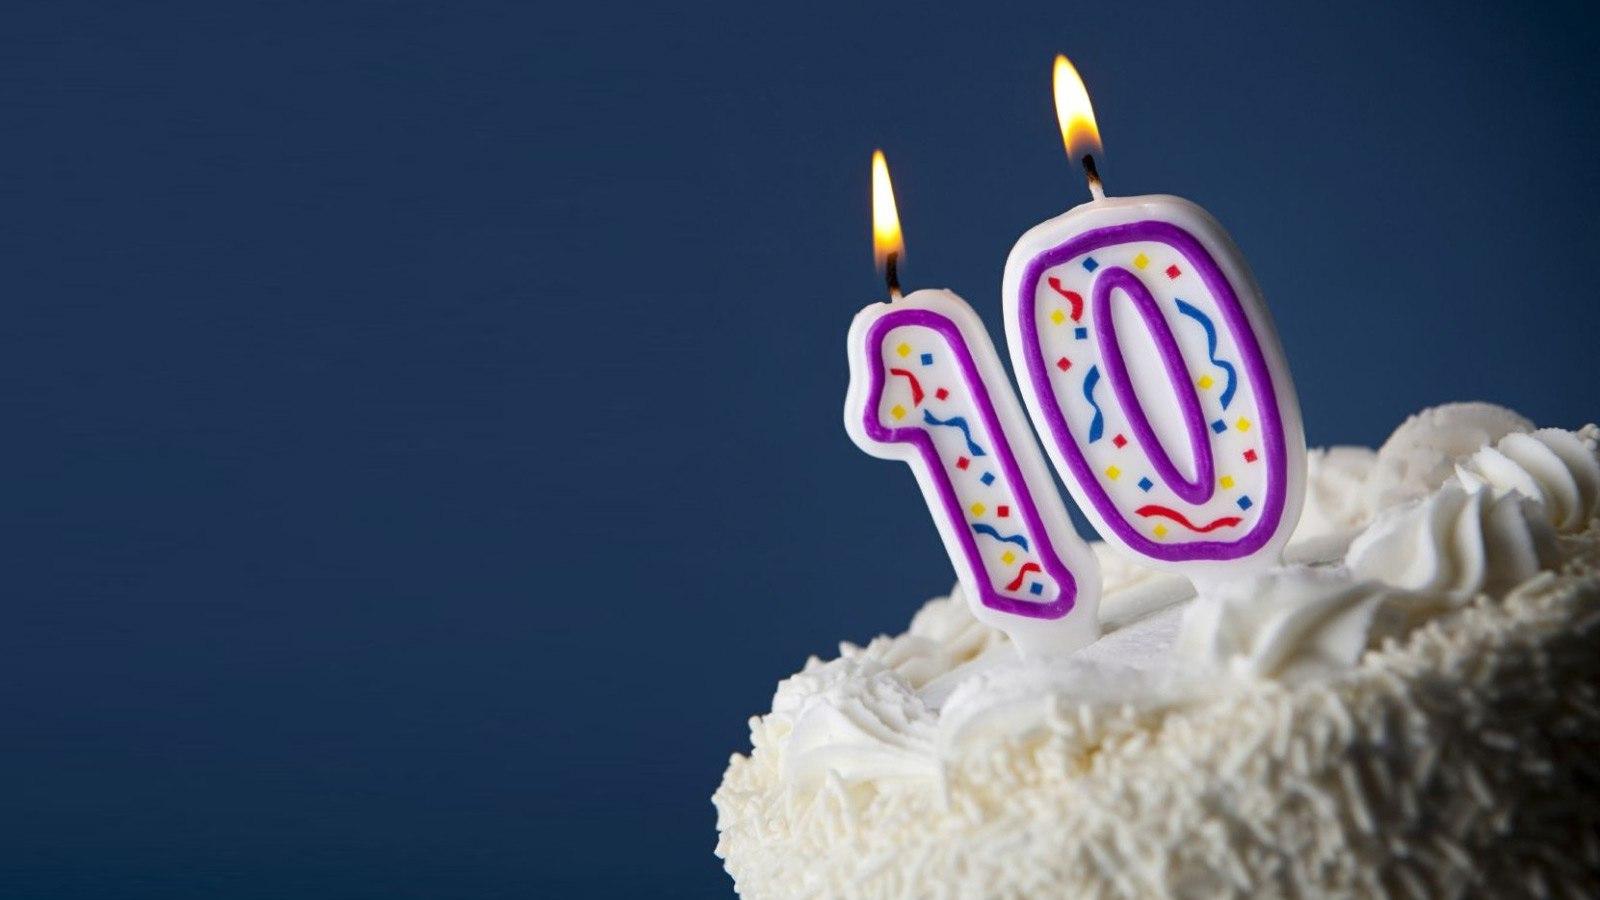 Поздравление с 10 летием фирмы в картинках, днем рождения открытки